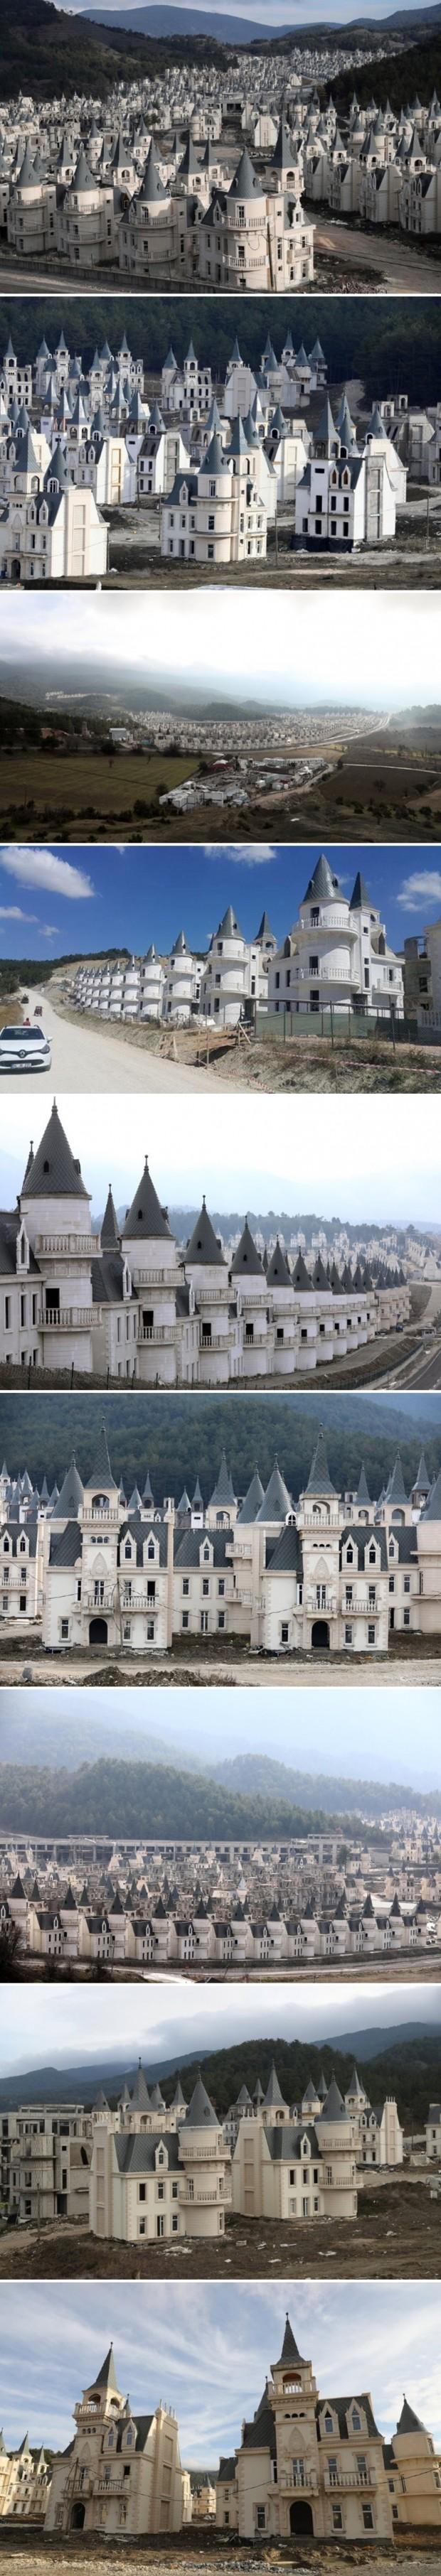 selo-dvorci